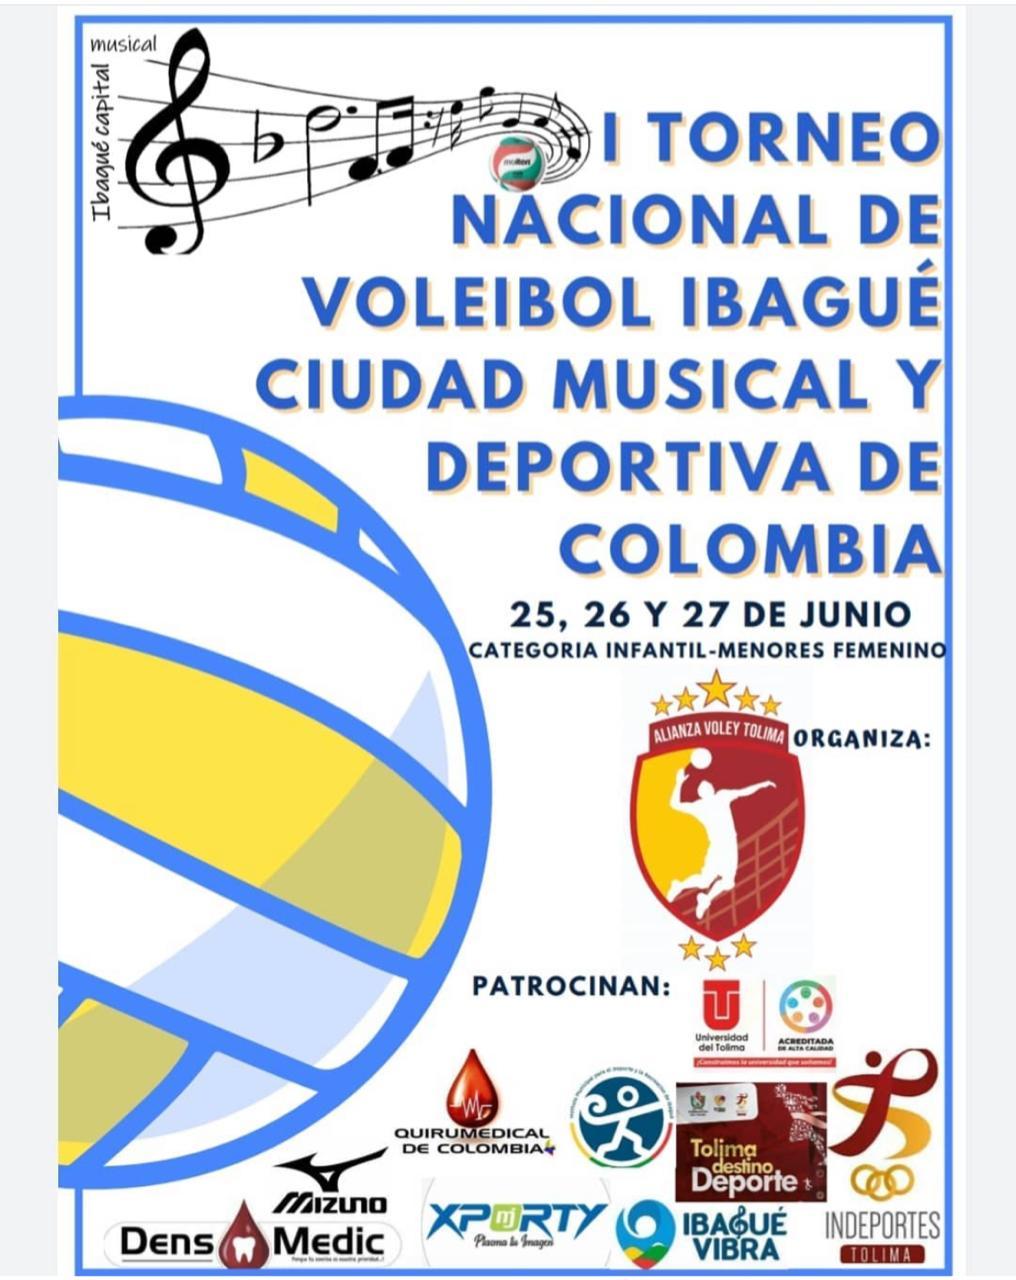 Campeonato Nacional de Voleibol Femenino, Ibagué Ciudad Musical. 1